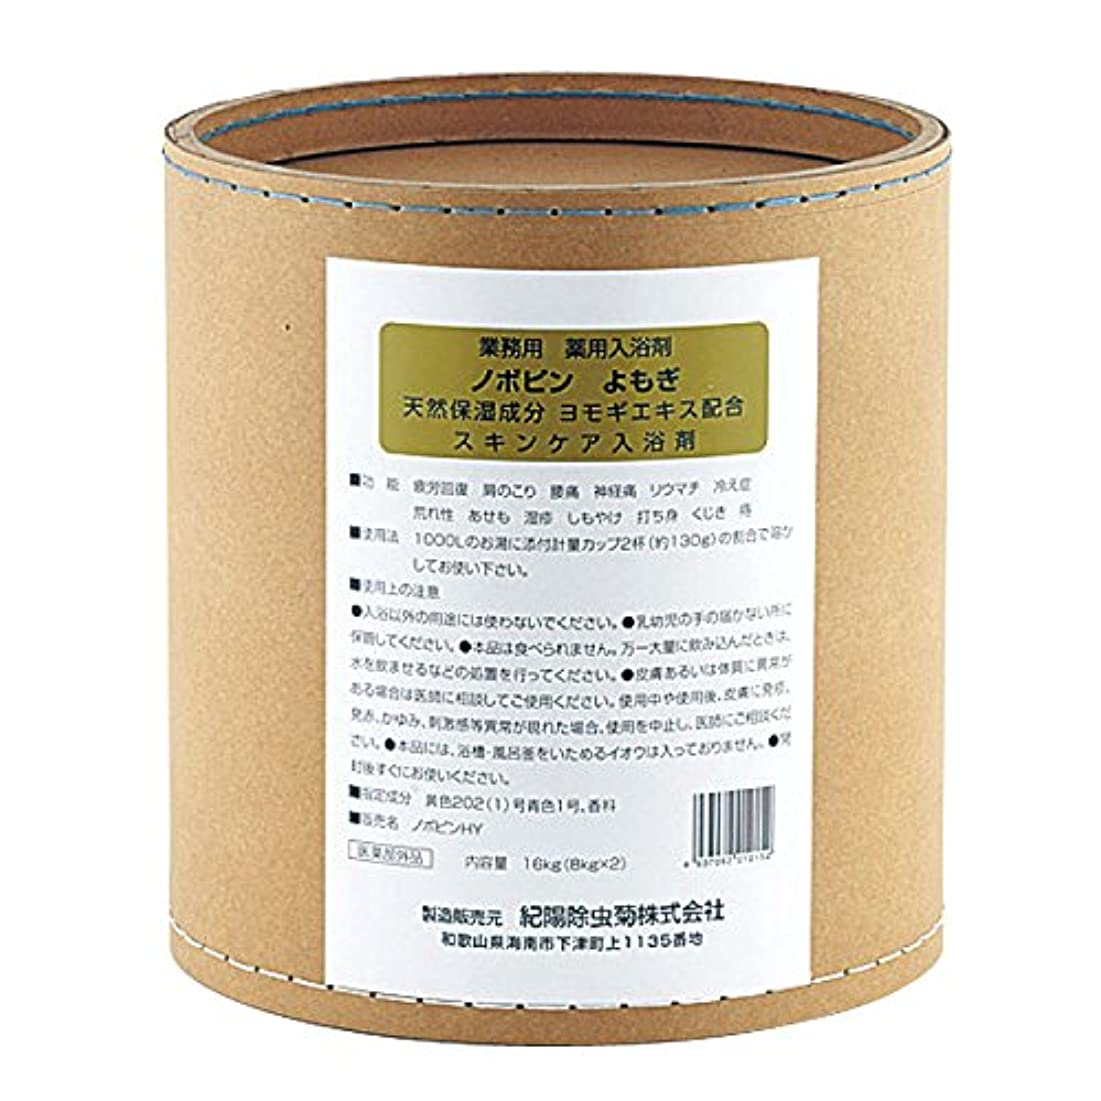 蓄積するセメント変装業務用入浴剤ノボピンよもぎ16kg(8kg*2)